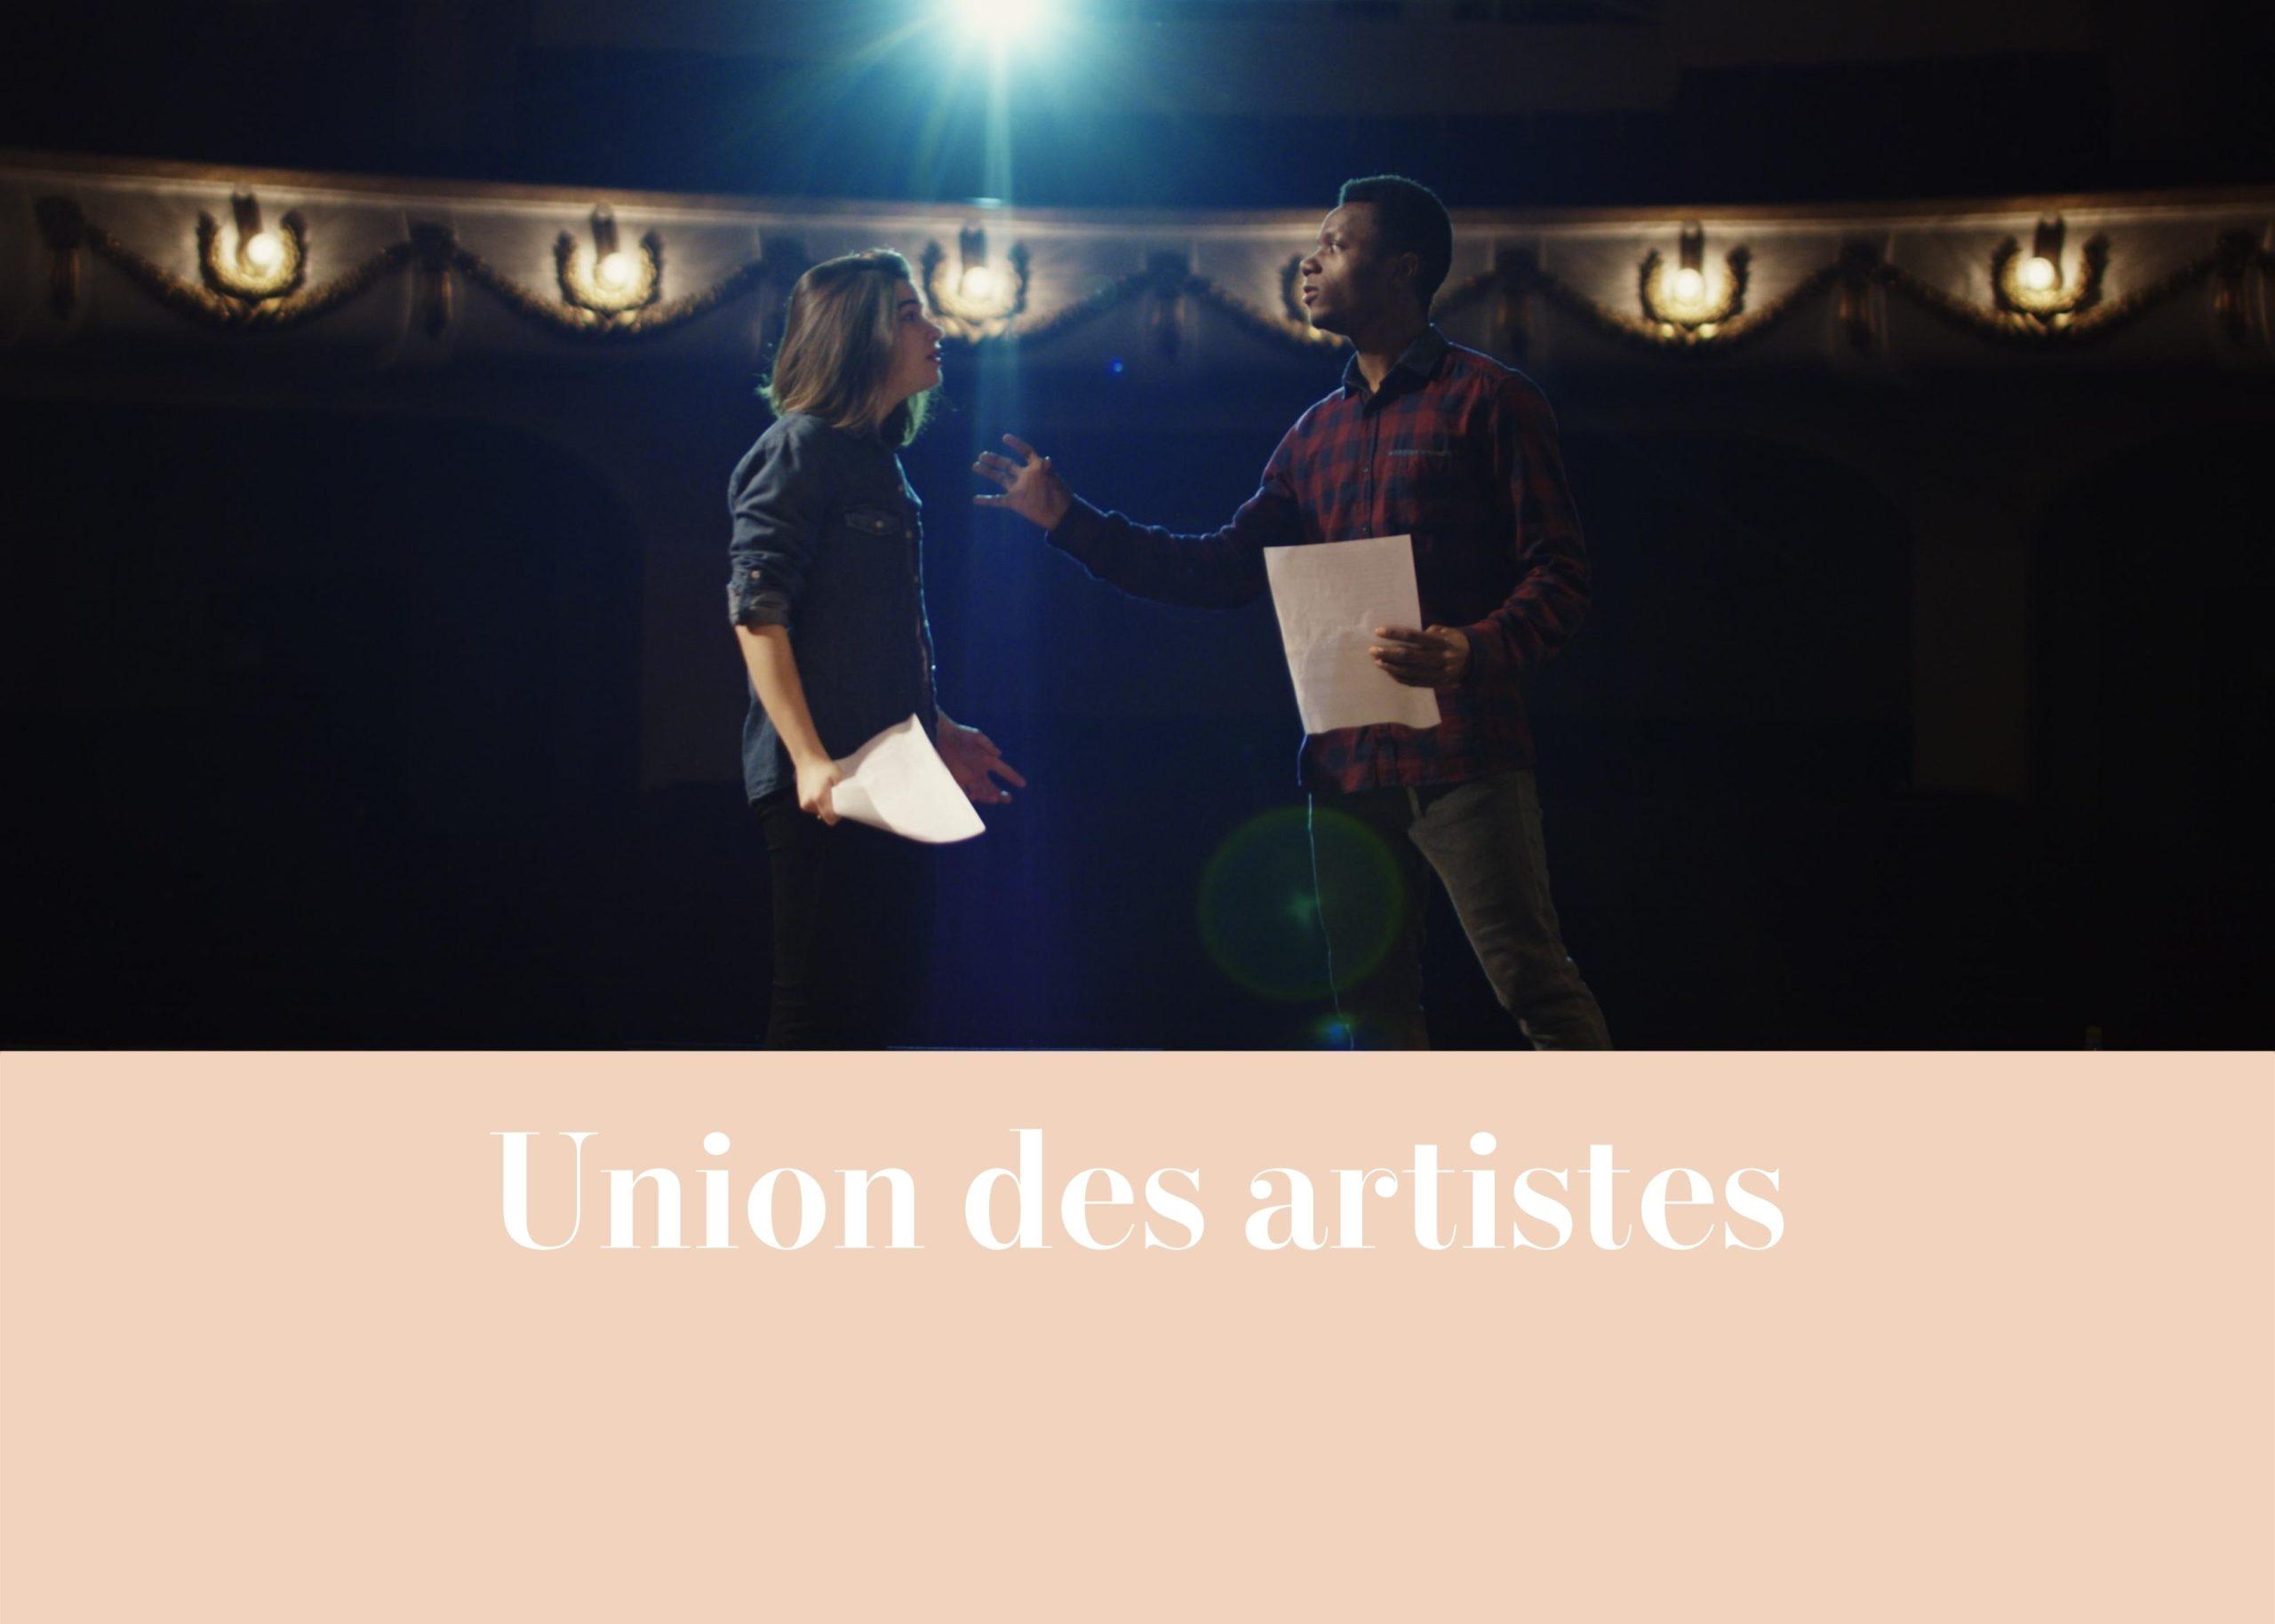 Union des artistes